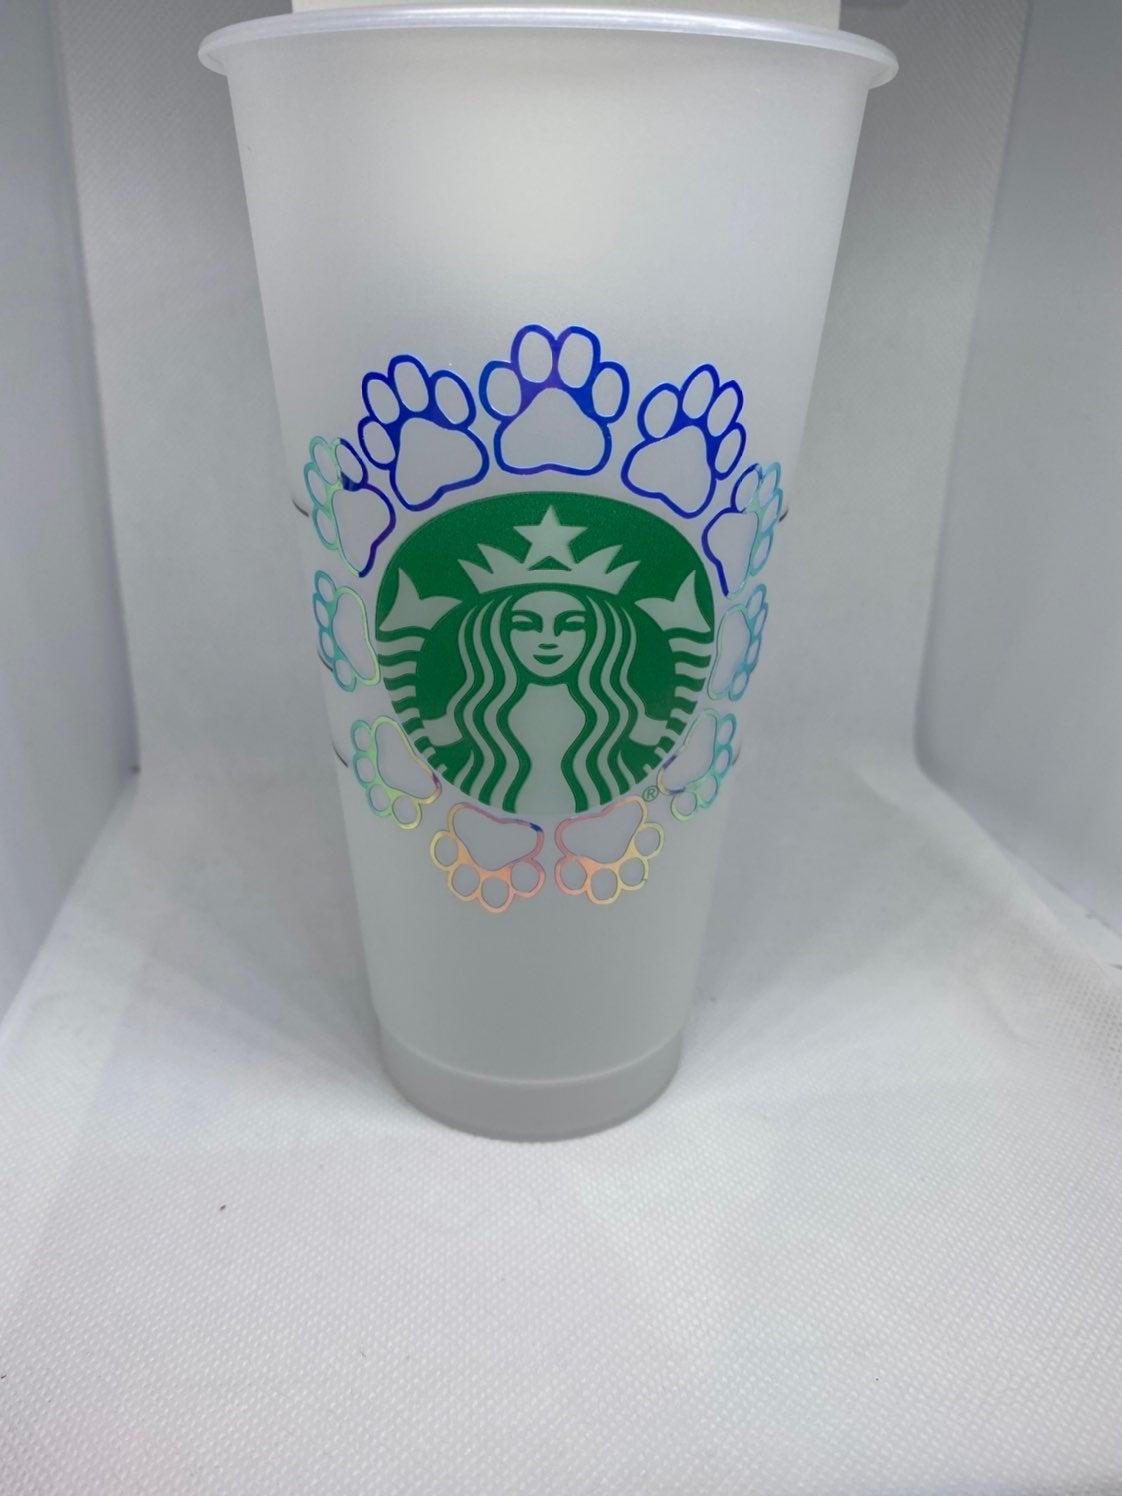 Reusable starbucks cup- paw print